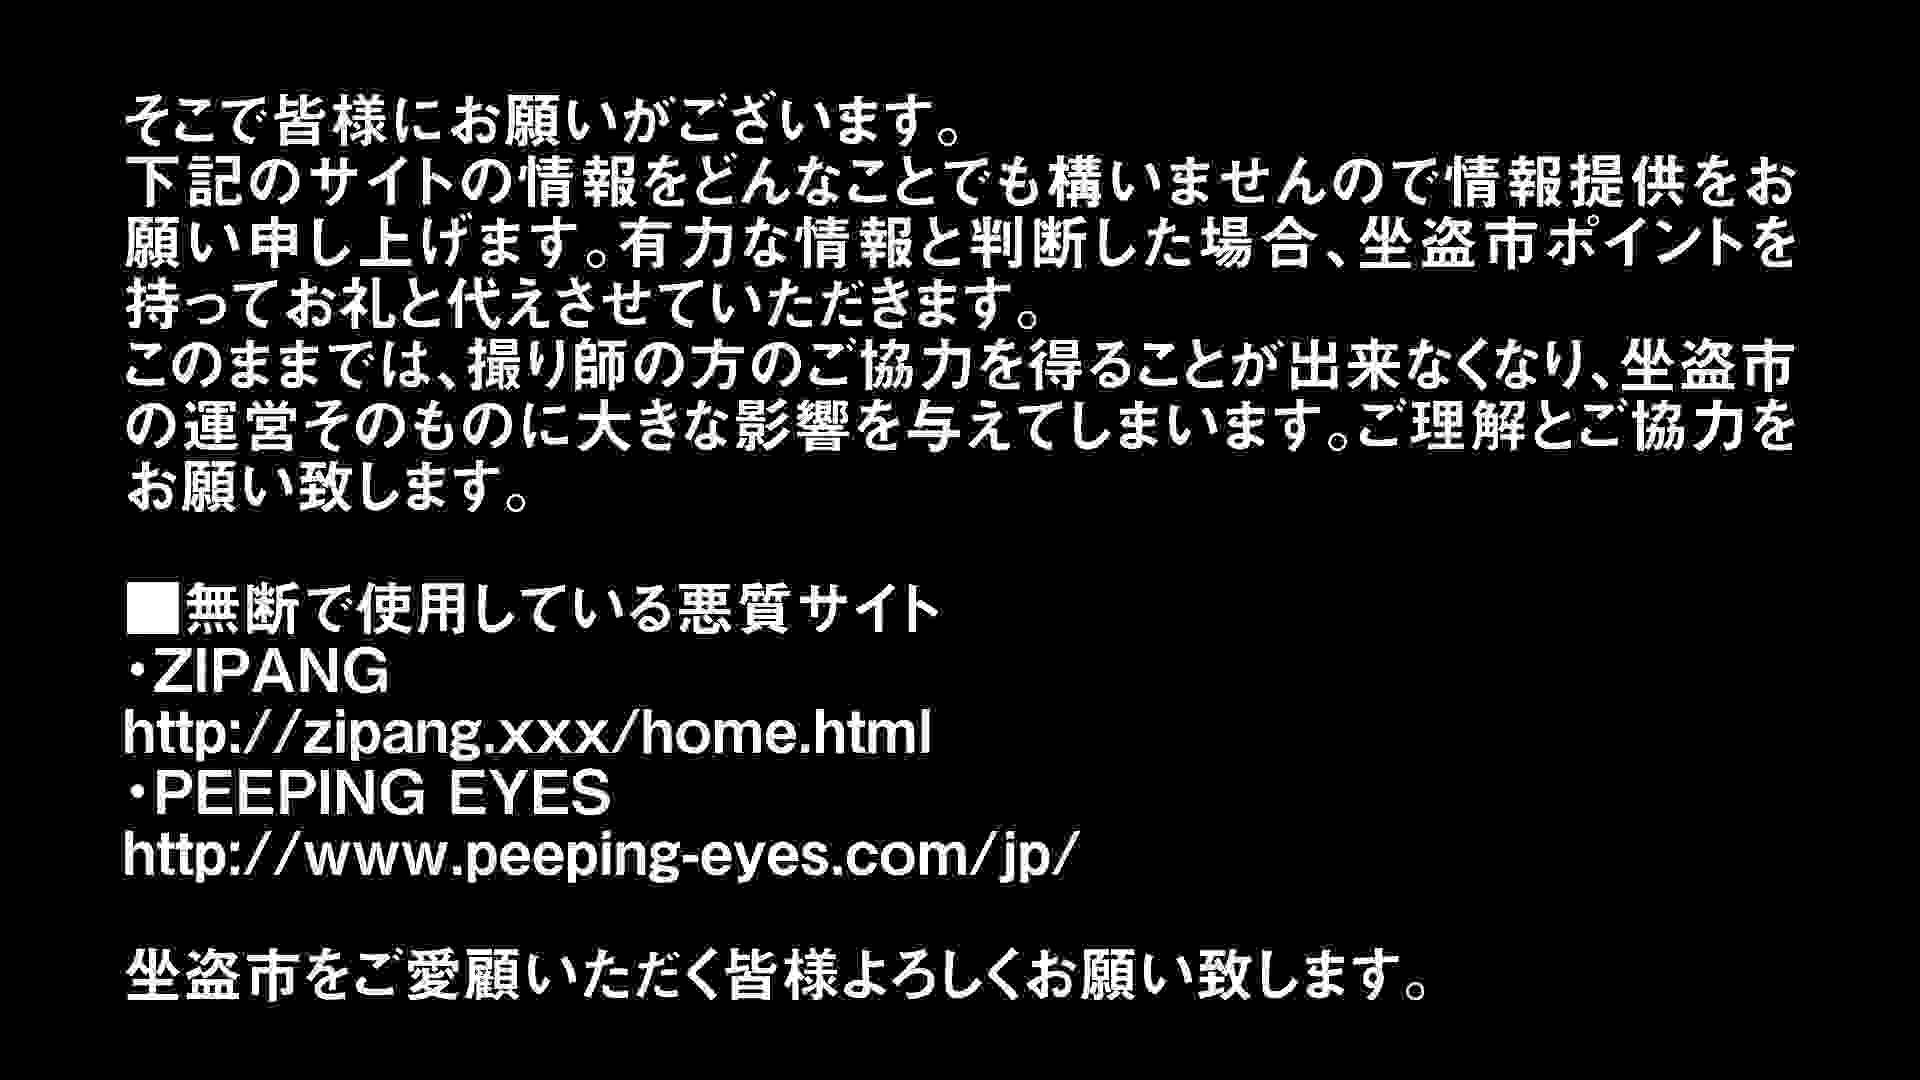 Aquaな露天風呂Vol.297 OLエロ画像  99PICs 33